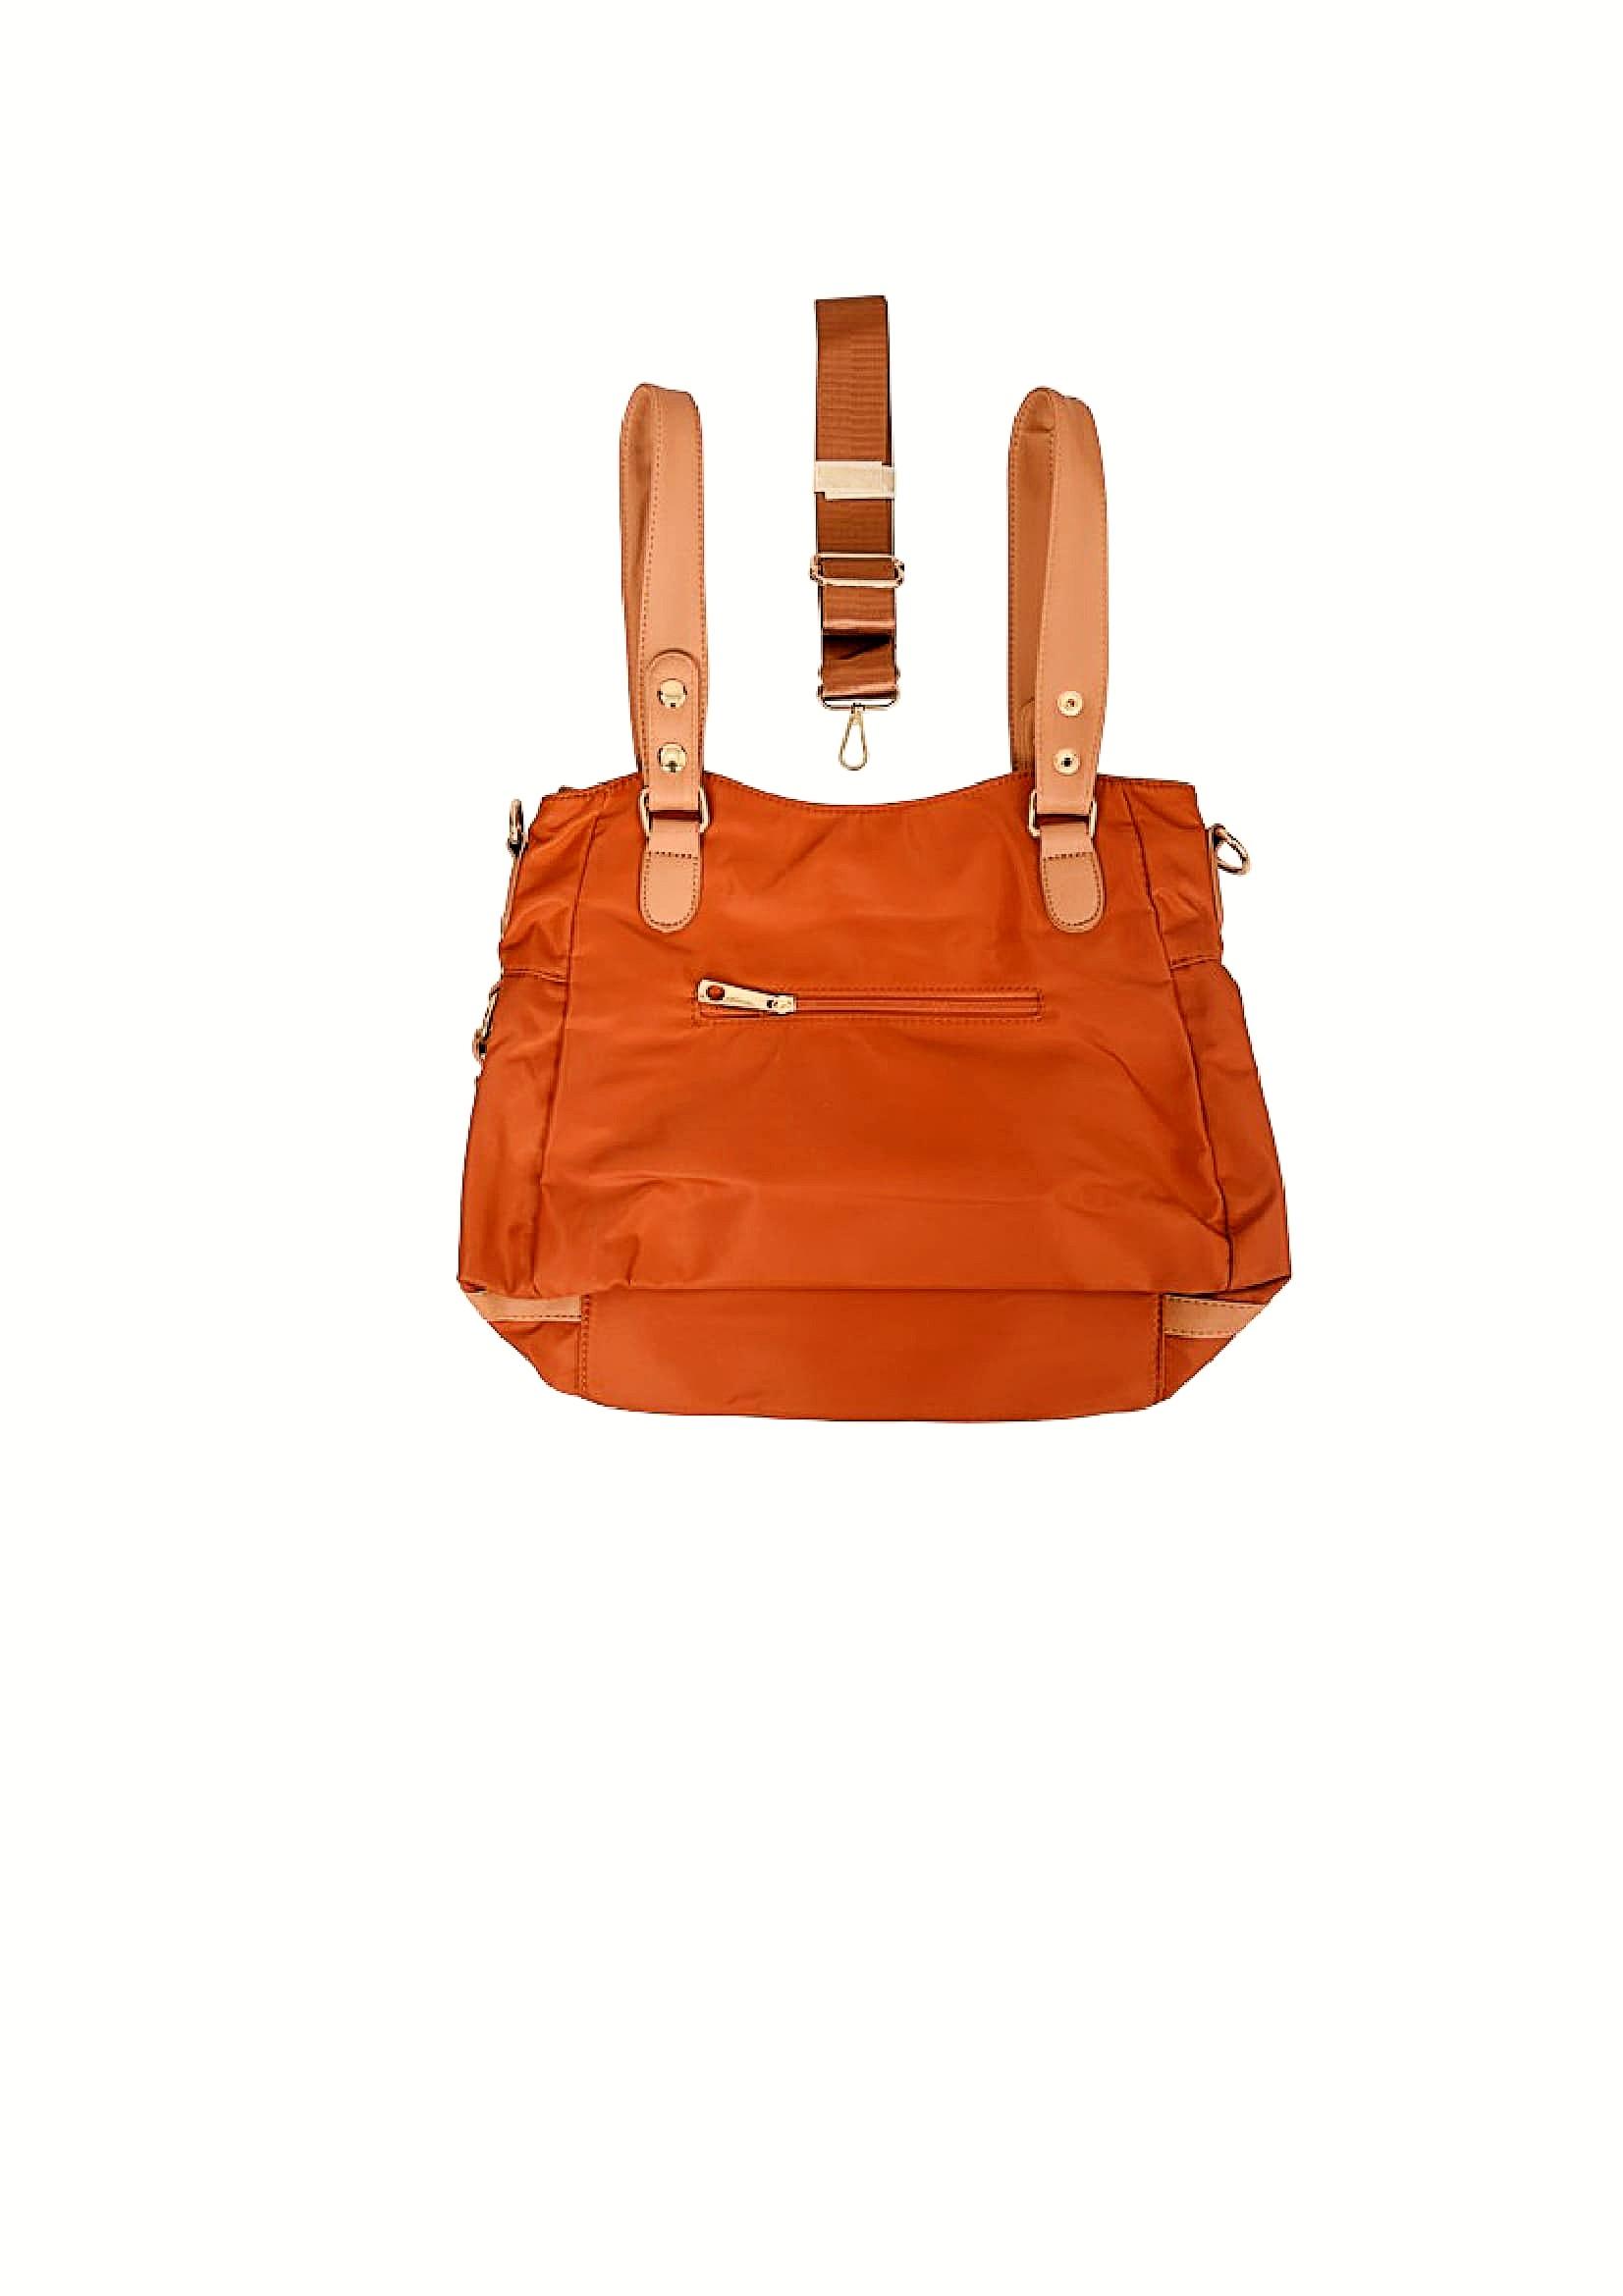 Handbag Backside